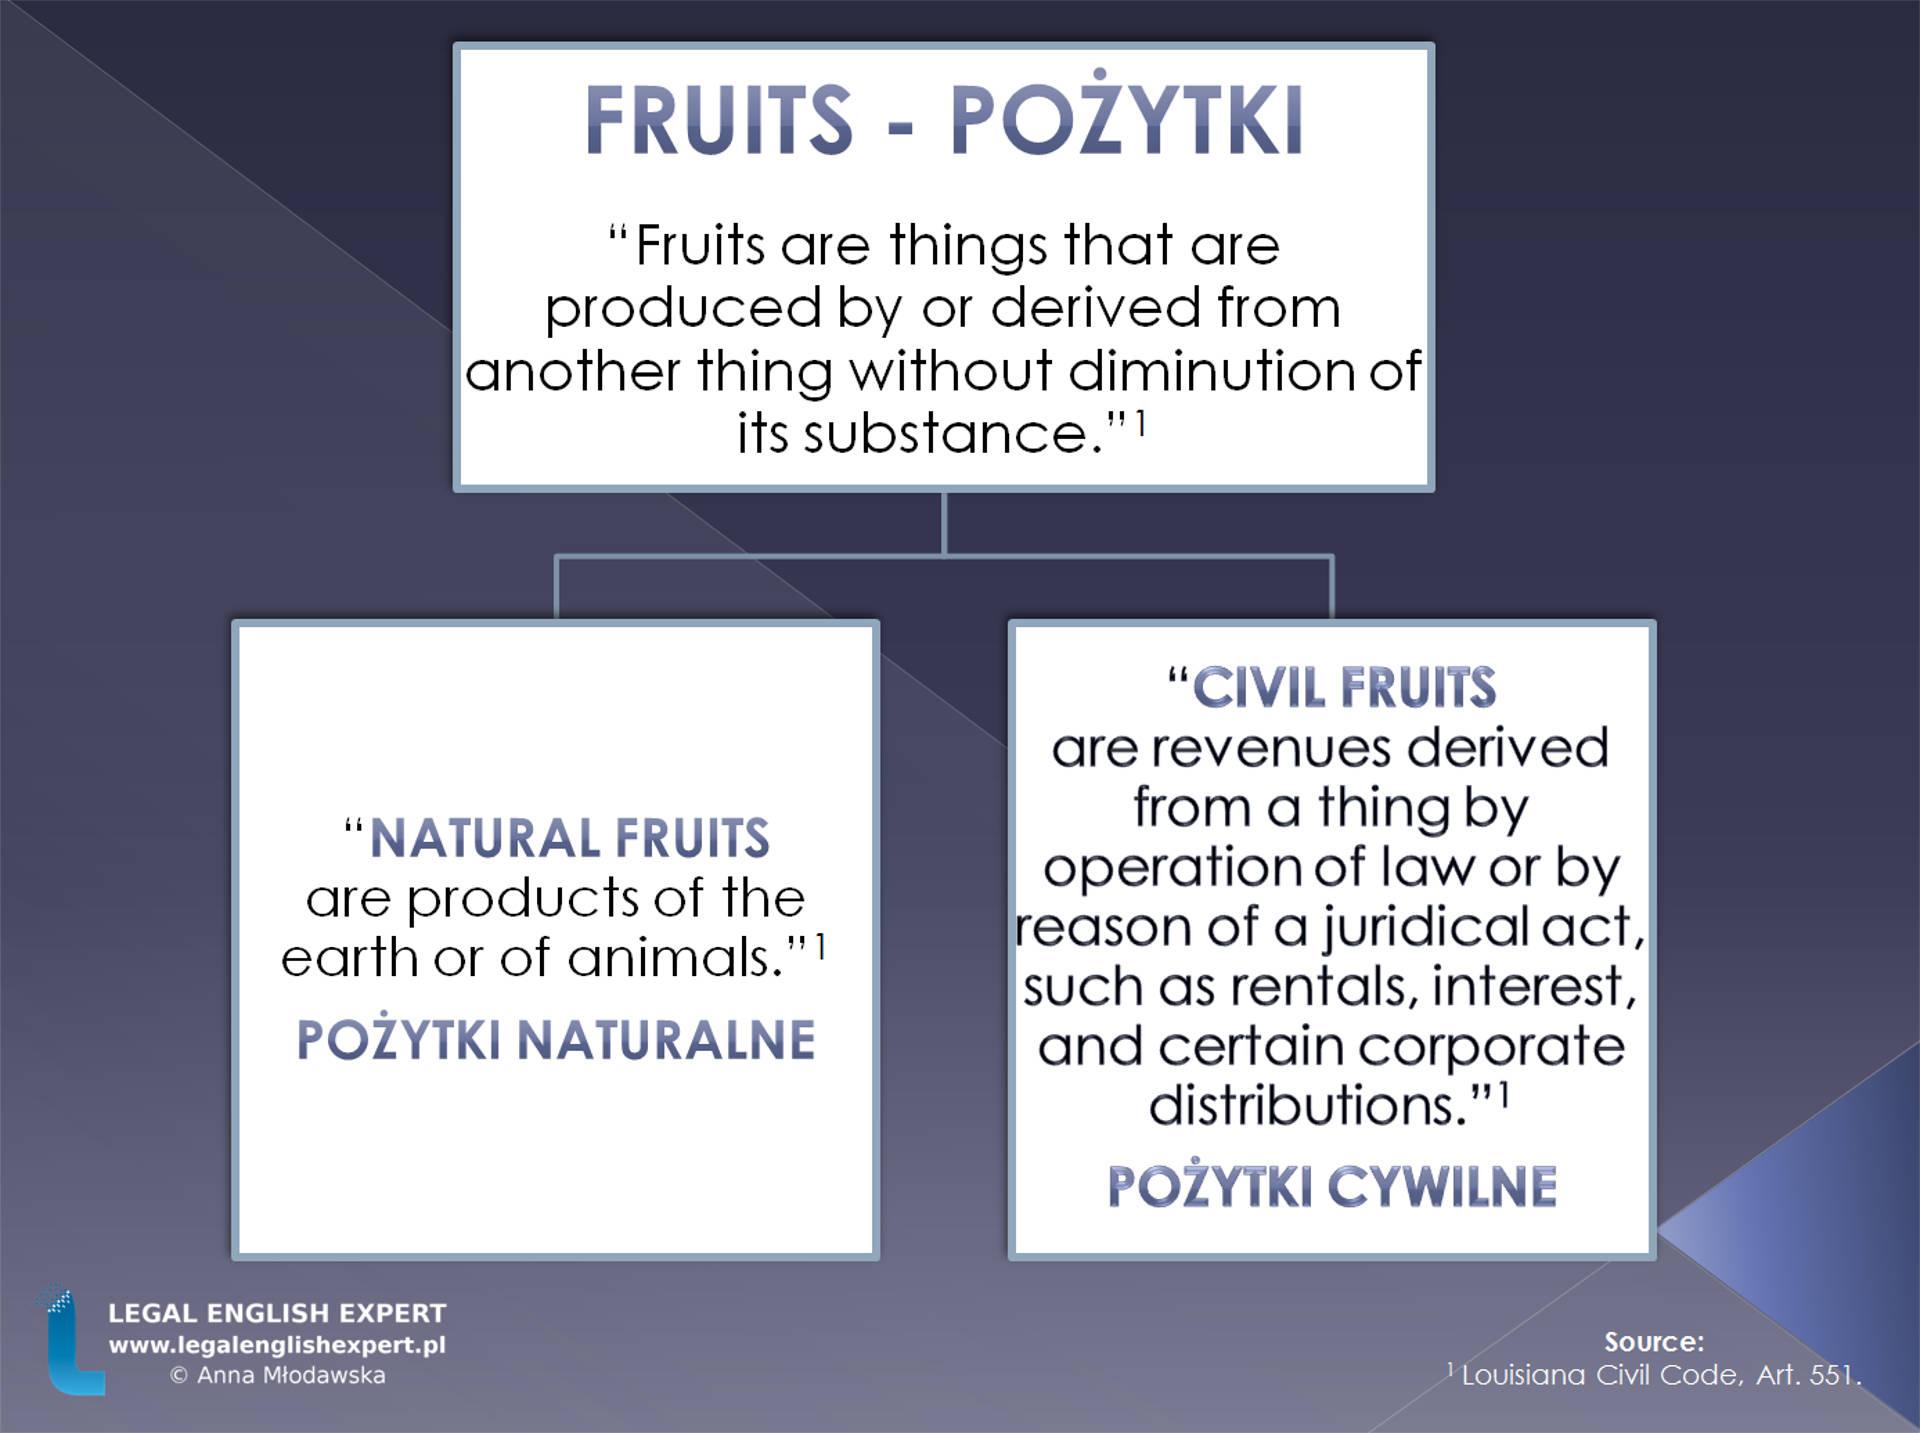 81 - Fruits